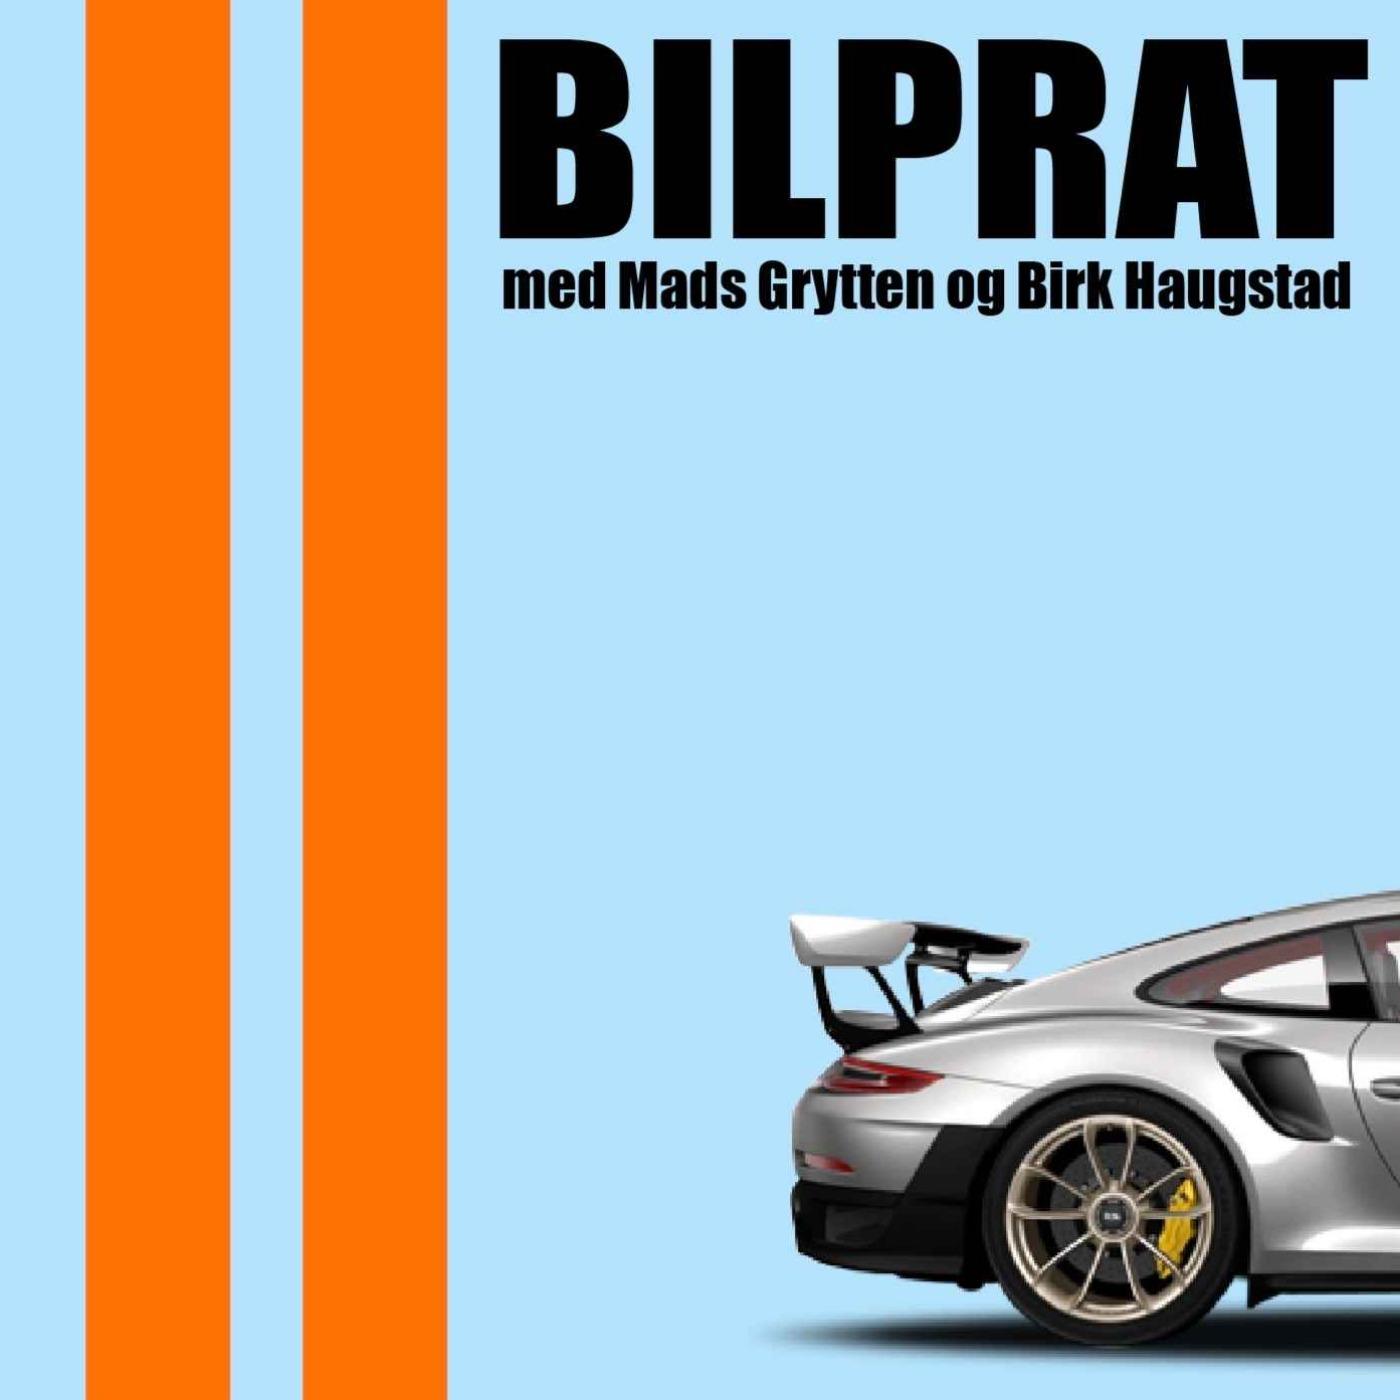 S03E03 - Gir svar til lytter, Singer vs Porsche, Theon Design og om ny Ferrari hyperbil